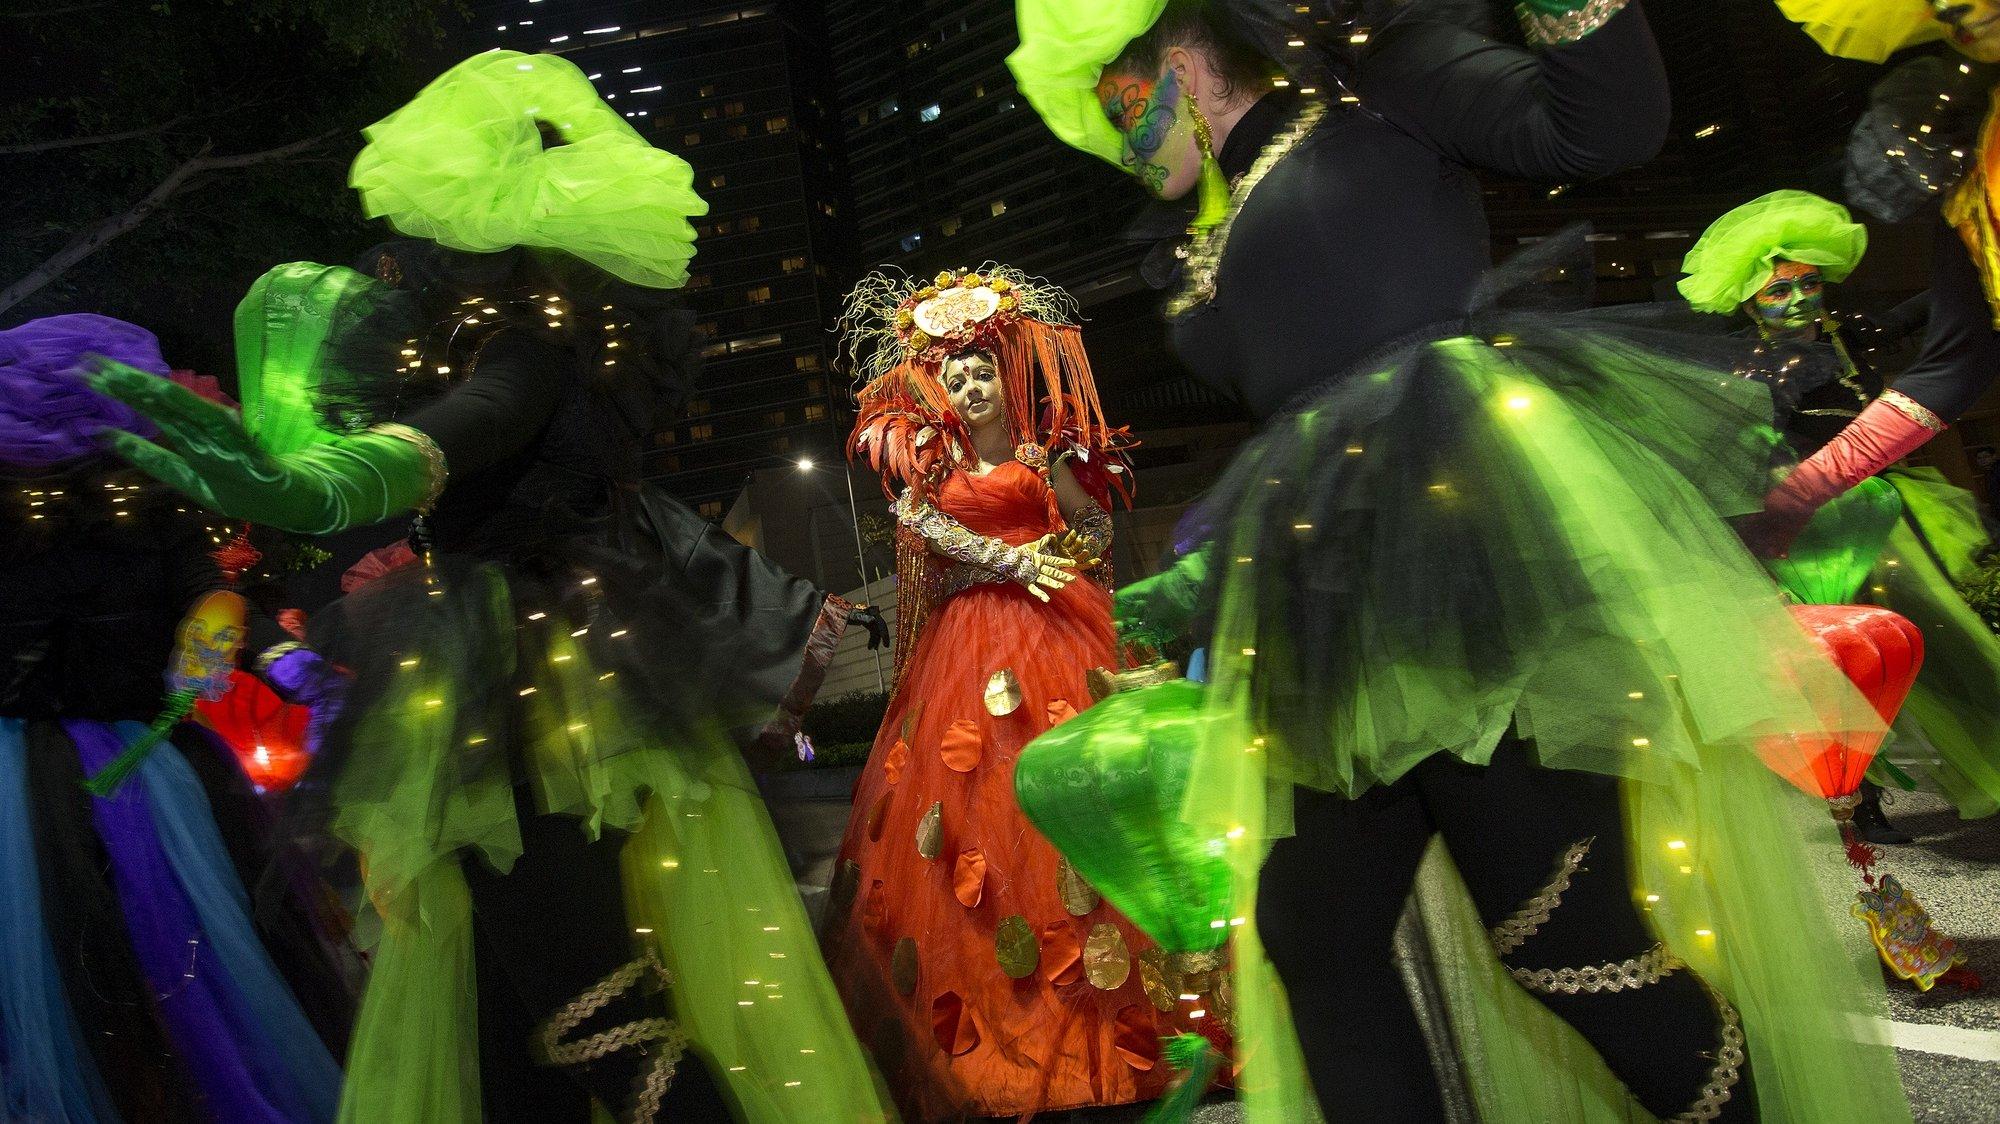 Desfile da parada do Ano Novo Lunar Chinês no terceiro dia do novo ano com partinda da Torre de Macau até ao Centro de Ciência, onde participaram vários grupos internacionais assim como artistas locais, Macau. 18 de fevereiro de 2018, Macau. CARMO CORREIA/LUSA